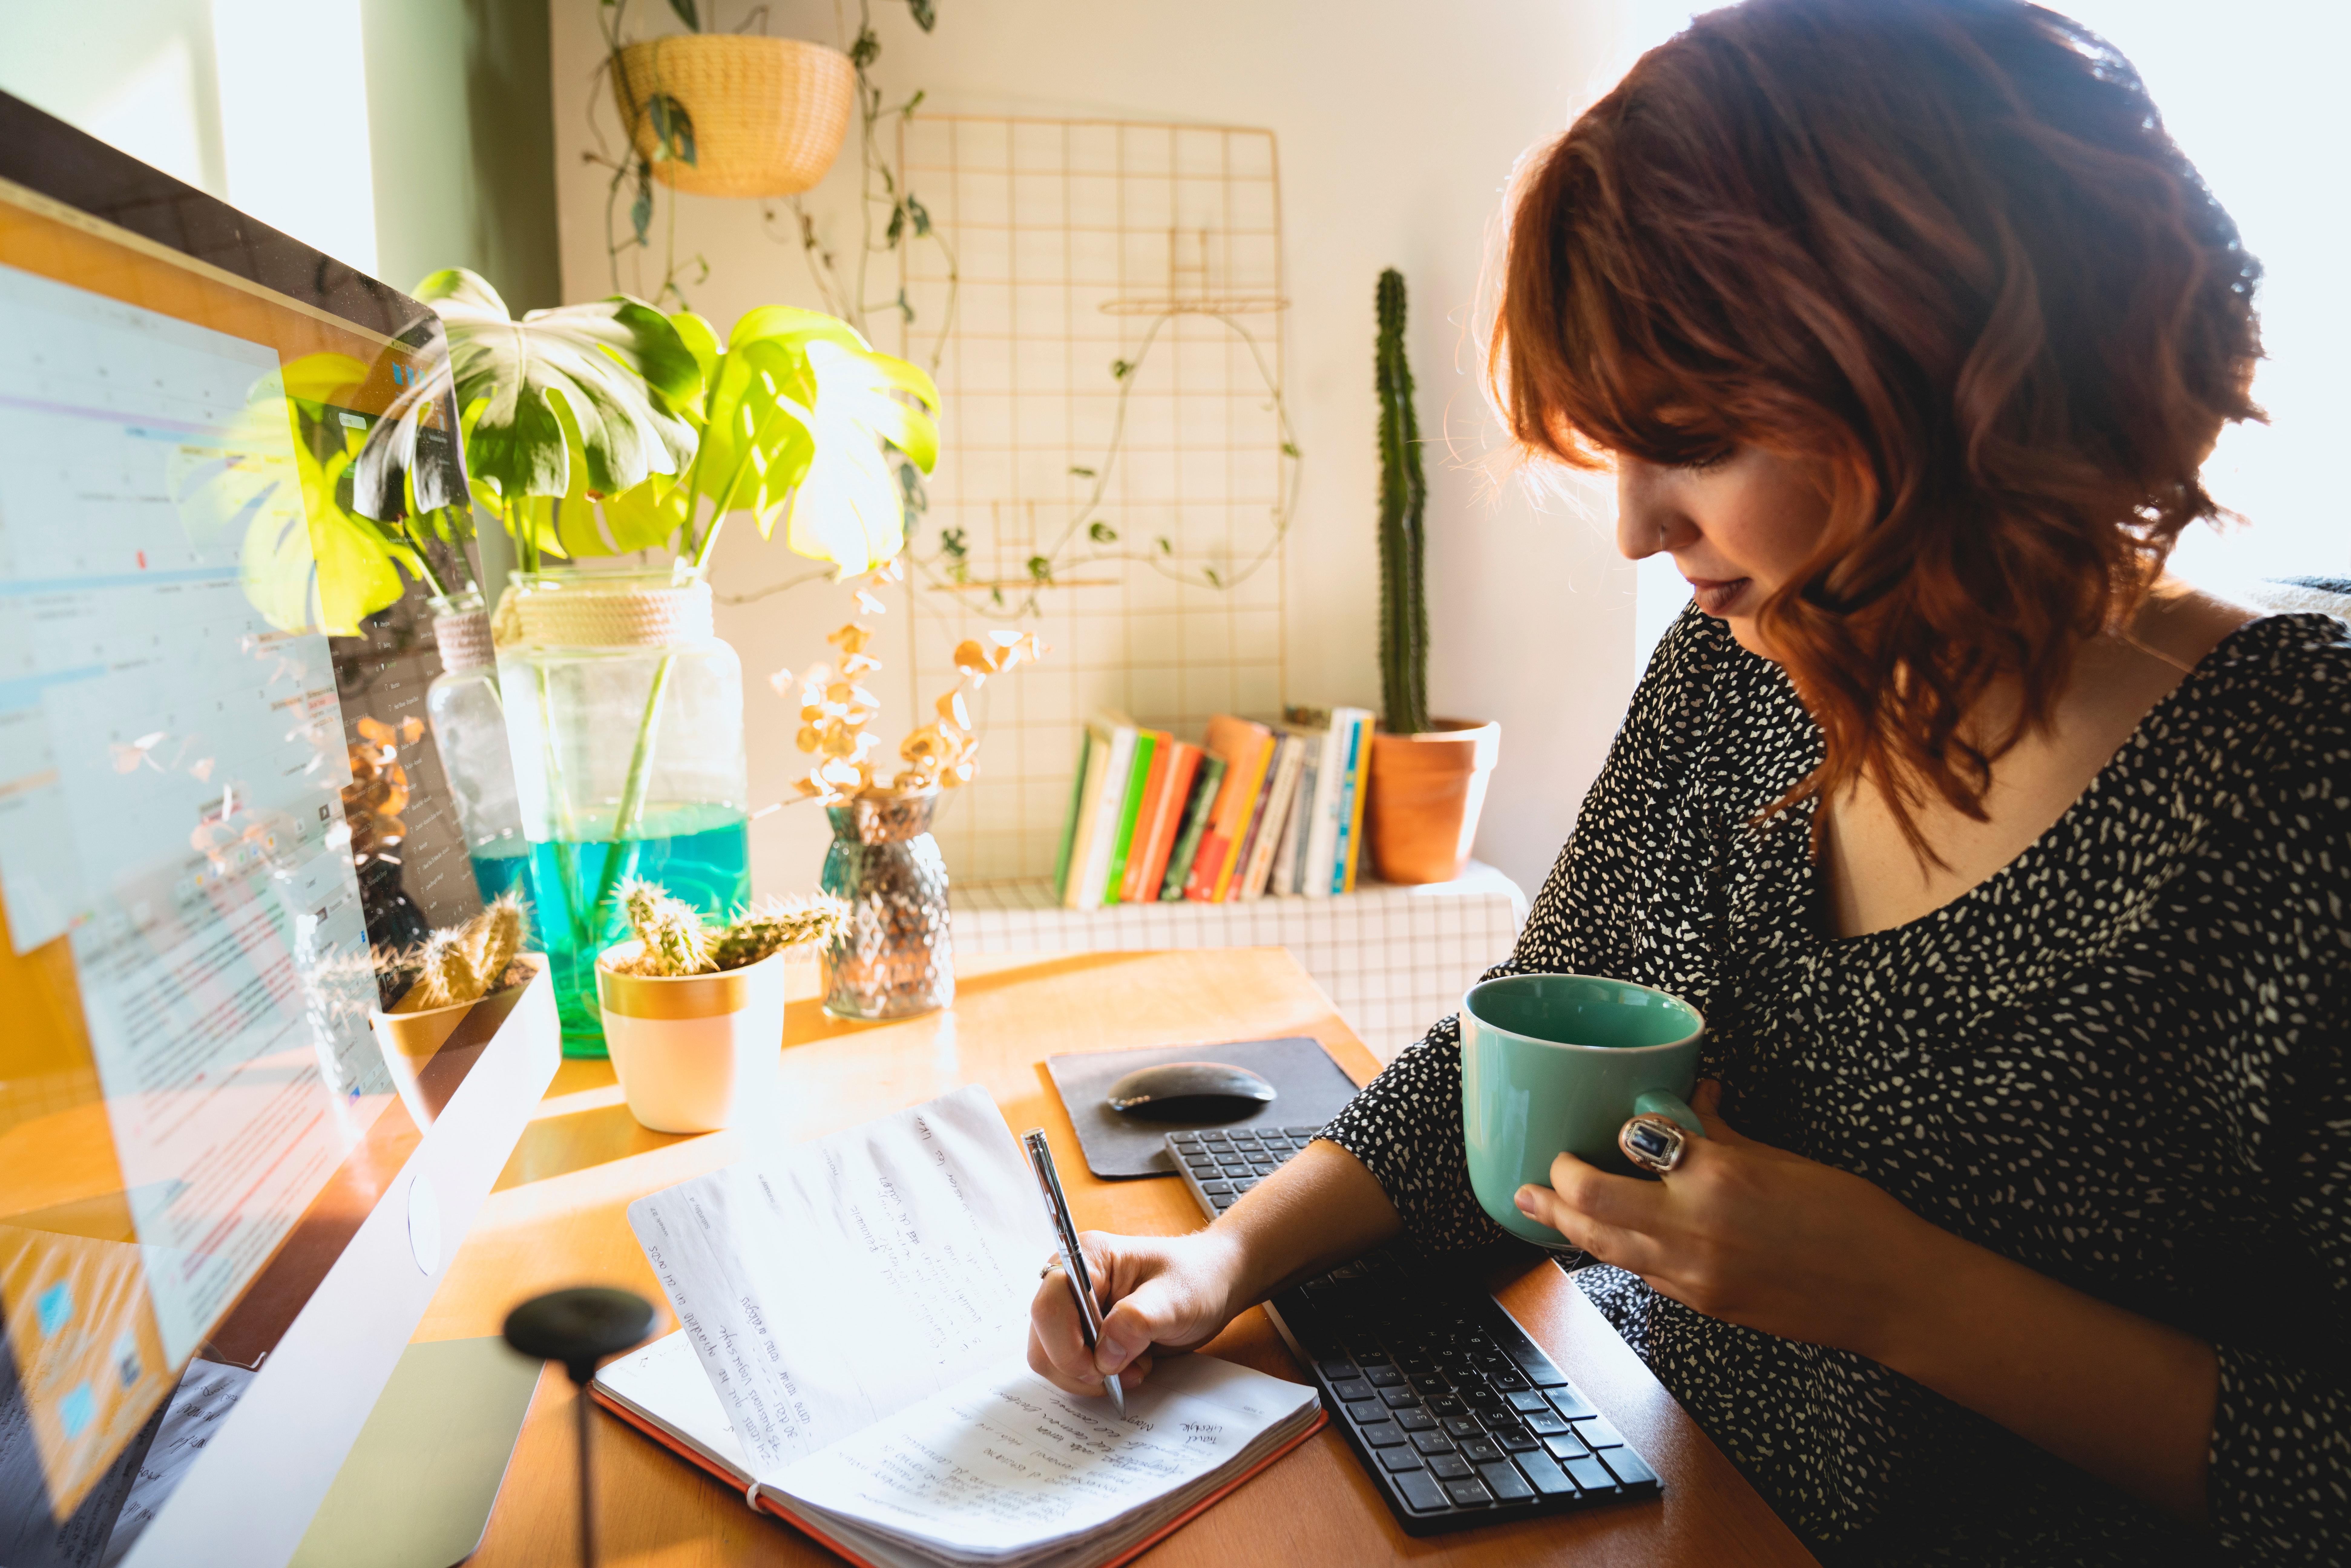 Femme prenant des notes sur un carnet devant son ordinateur